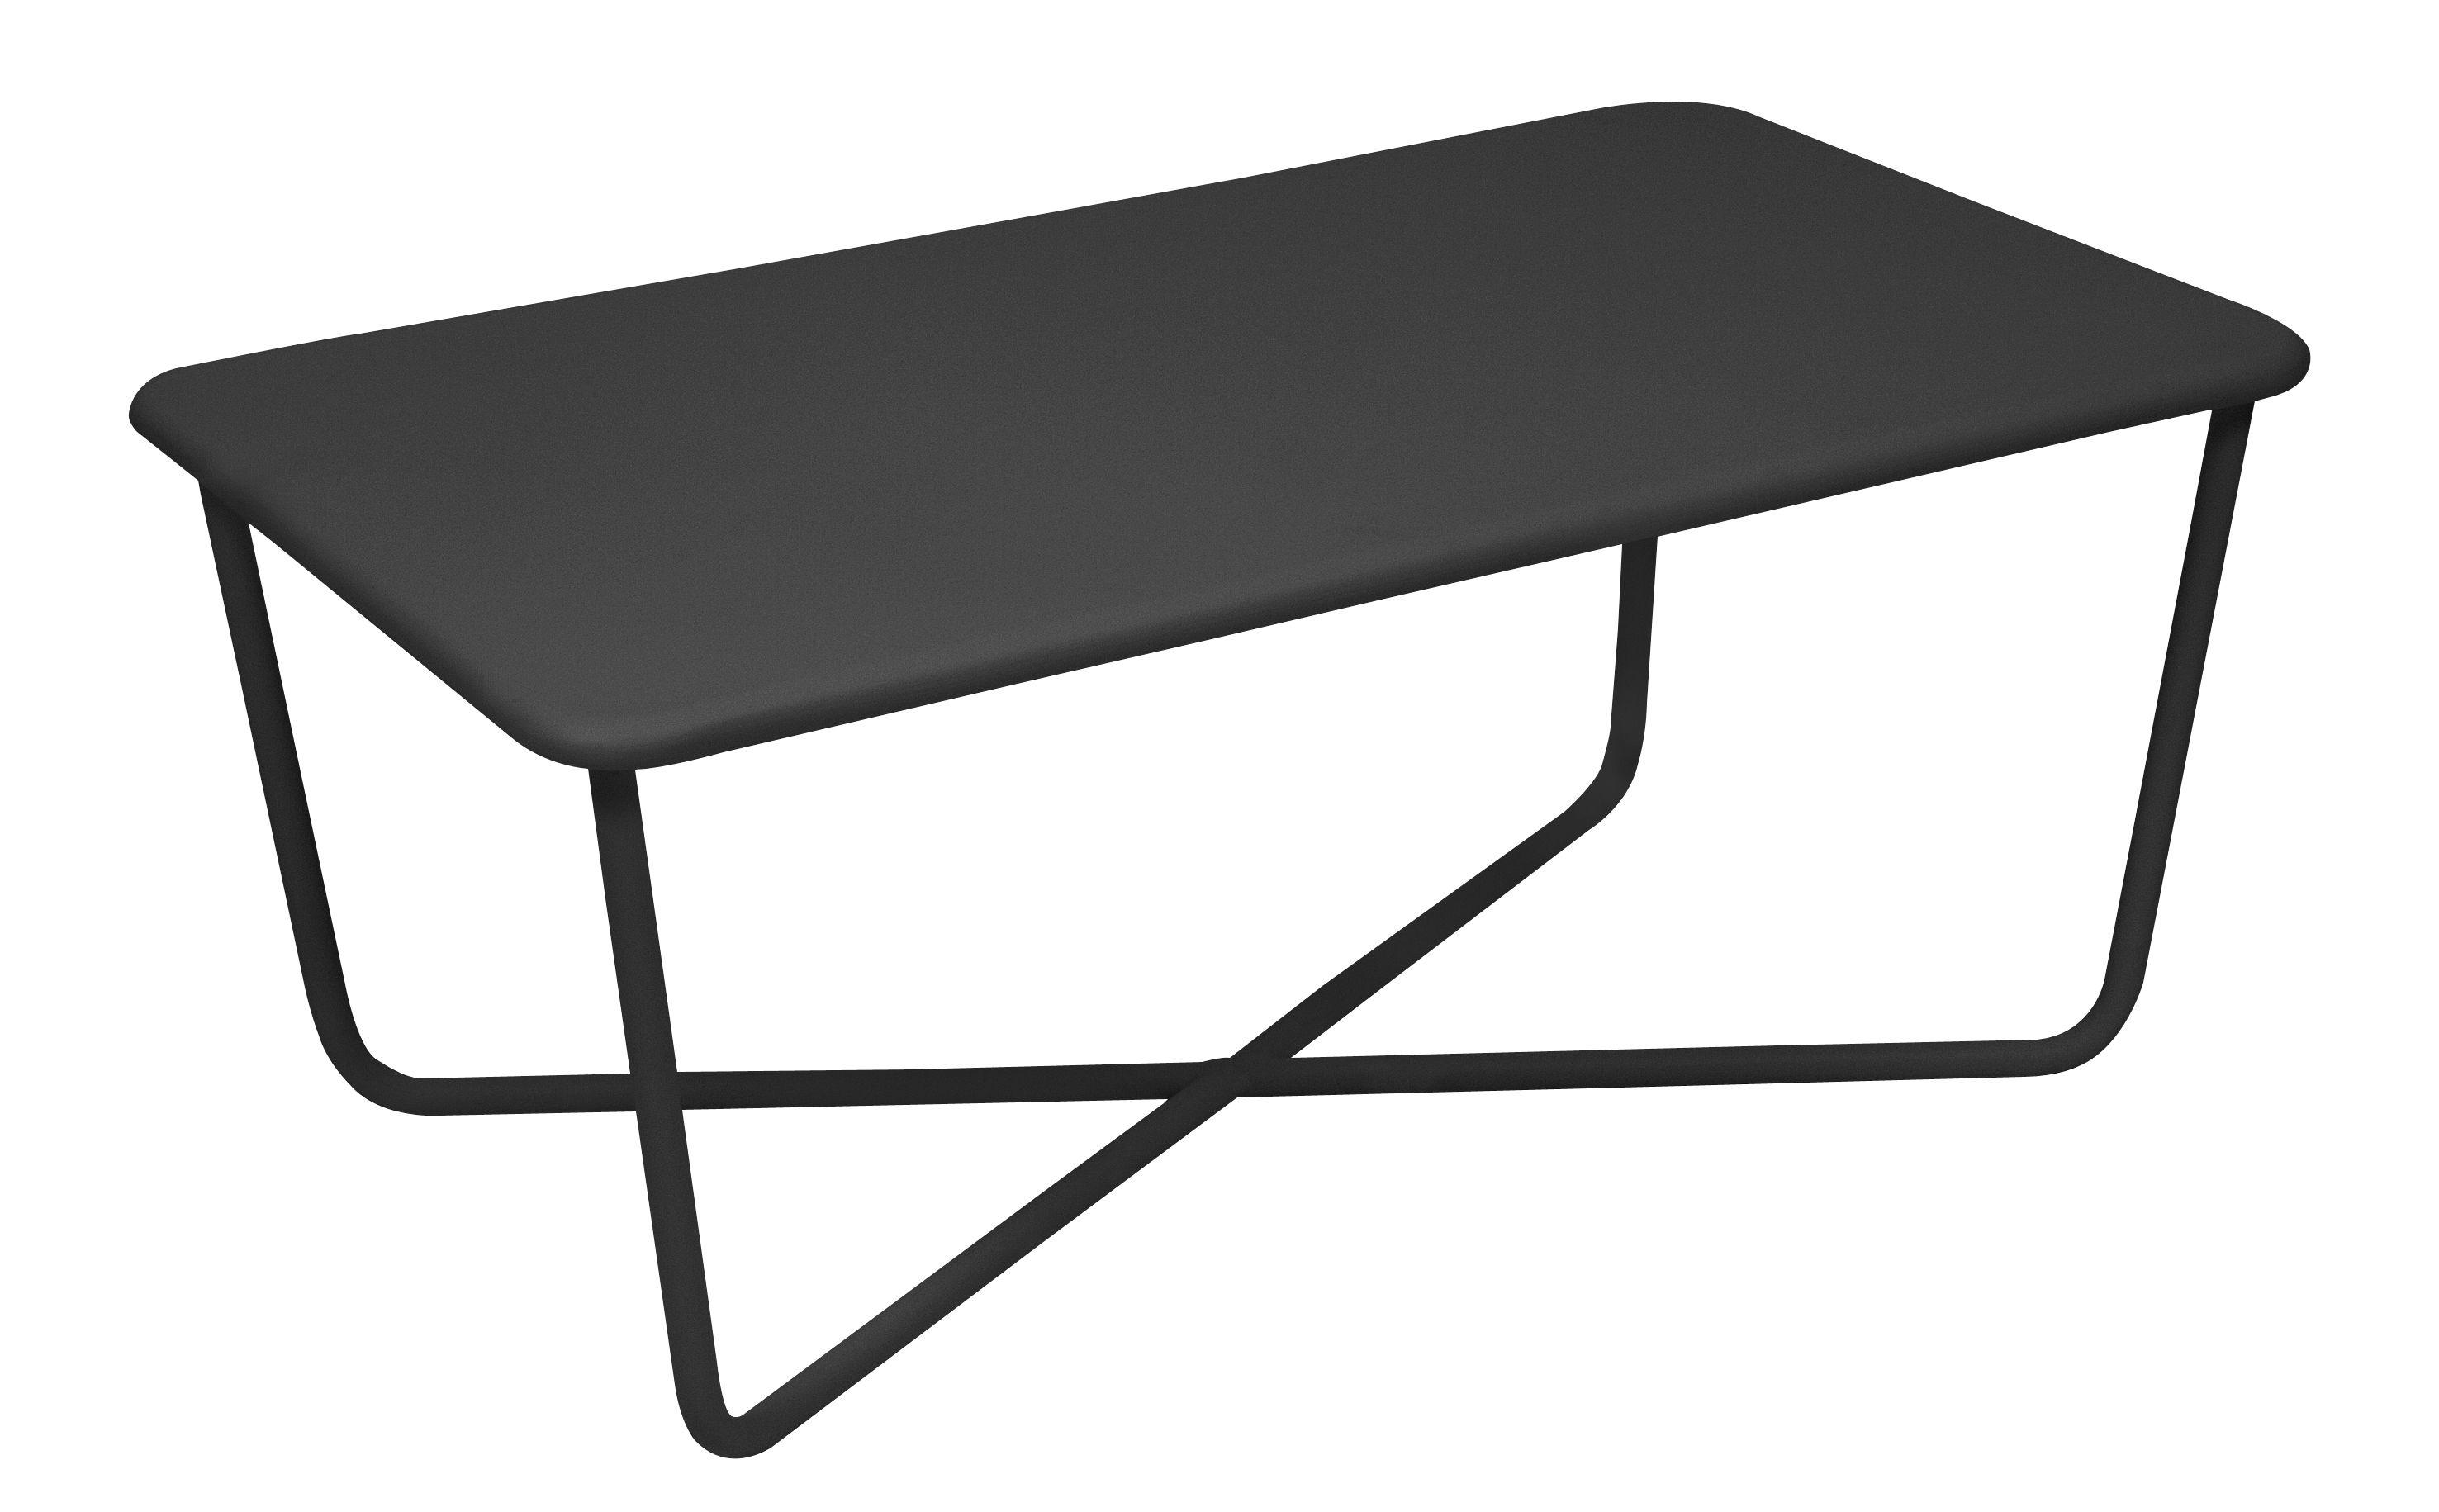 Arredamento - Tavolini  - Tavolino basso Croisette / 97 x 57 cm - Metallo - Fermob - Liquirizia - Acciaio